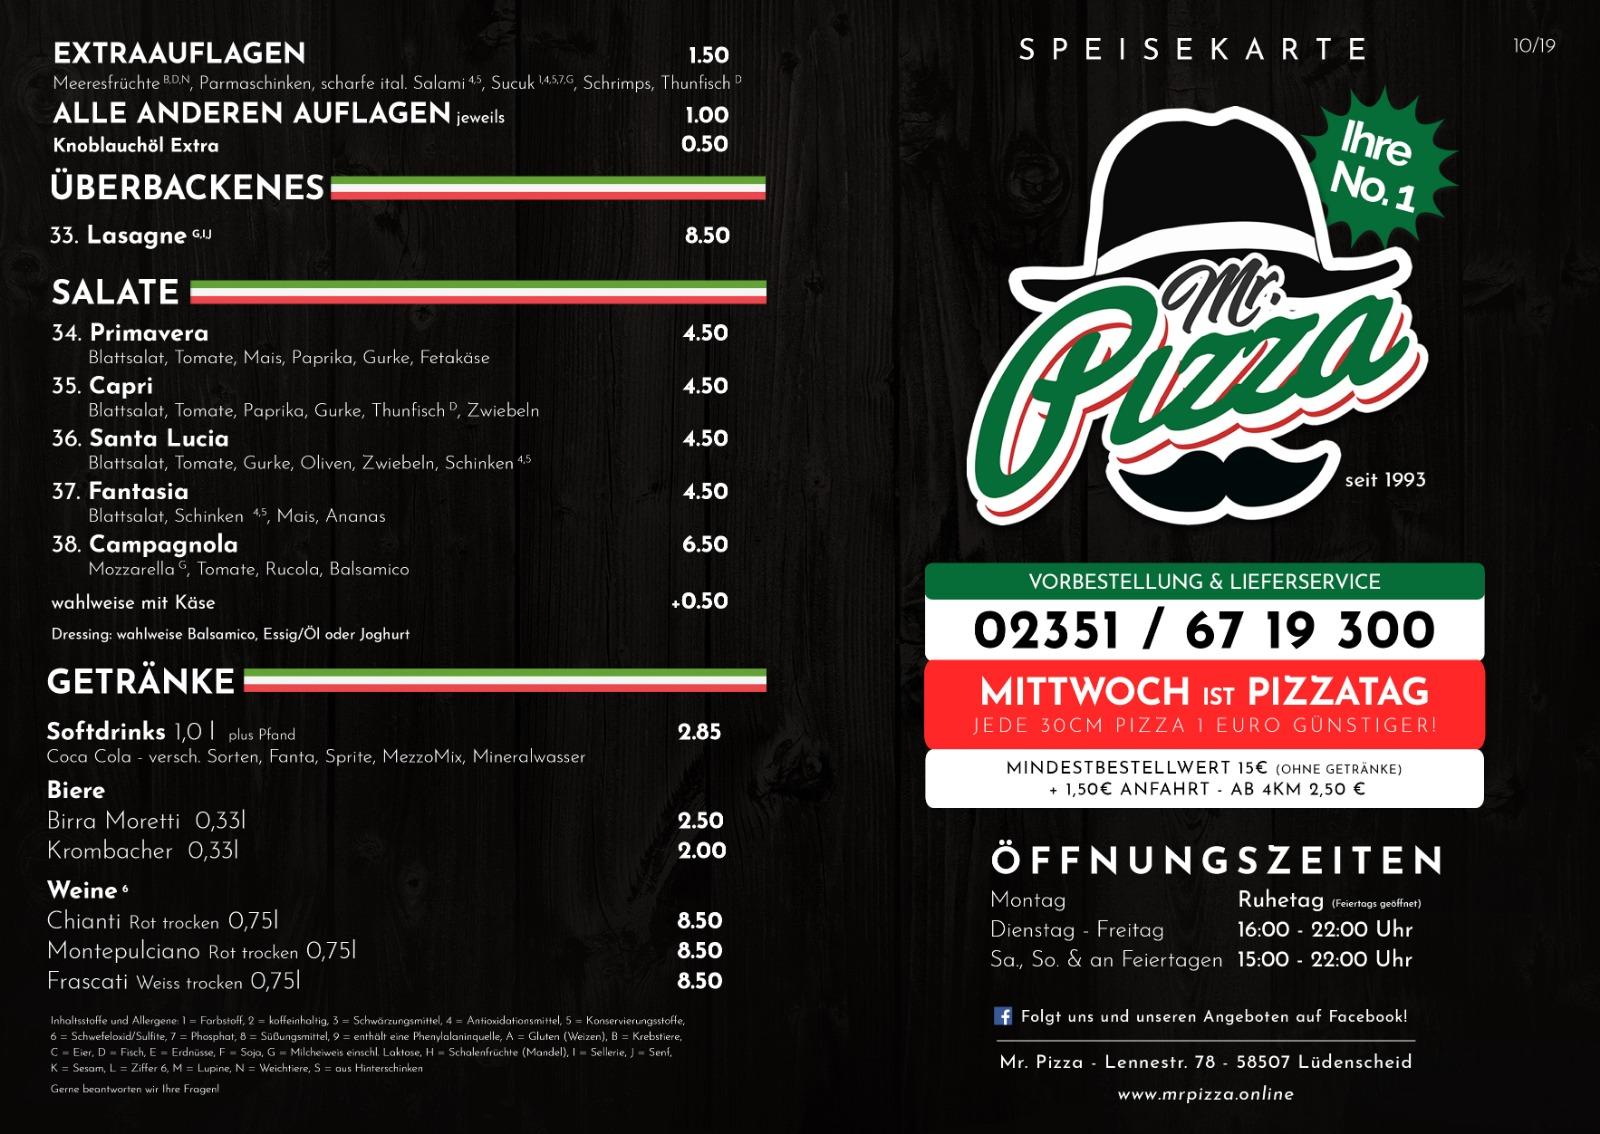 Mr pizza lüdenscheid